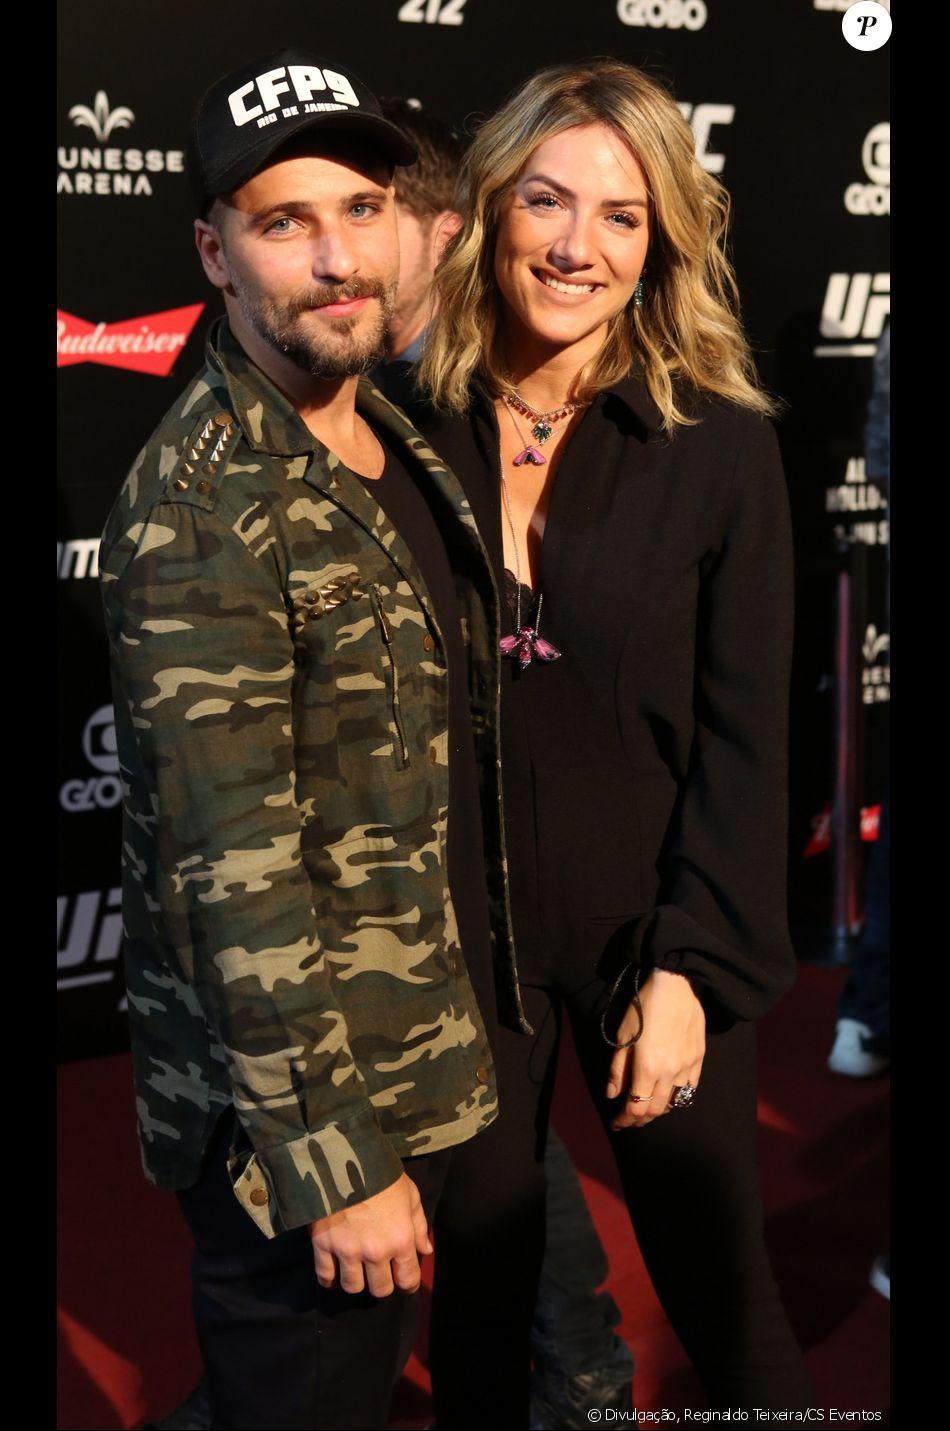 Bruno Gagliasso e Giovanna Ewbank vão embora do UFC 212 após encontrar Jair Bolsonaro em área VIP, em 3 de junho de 2017